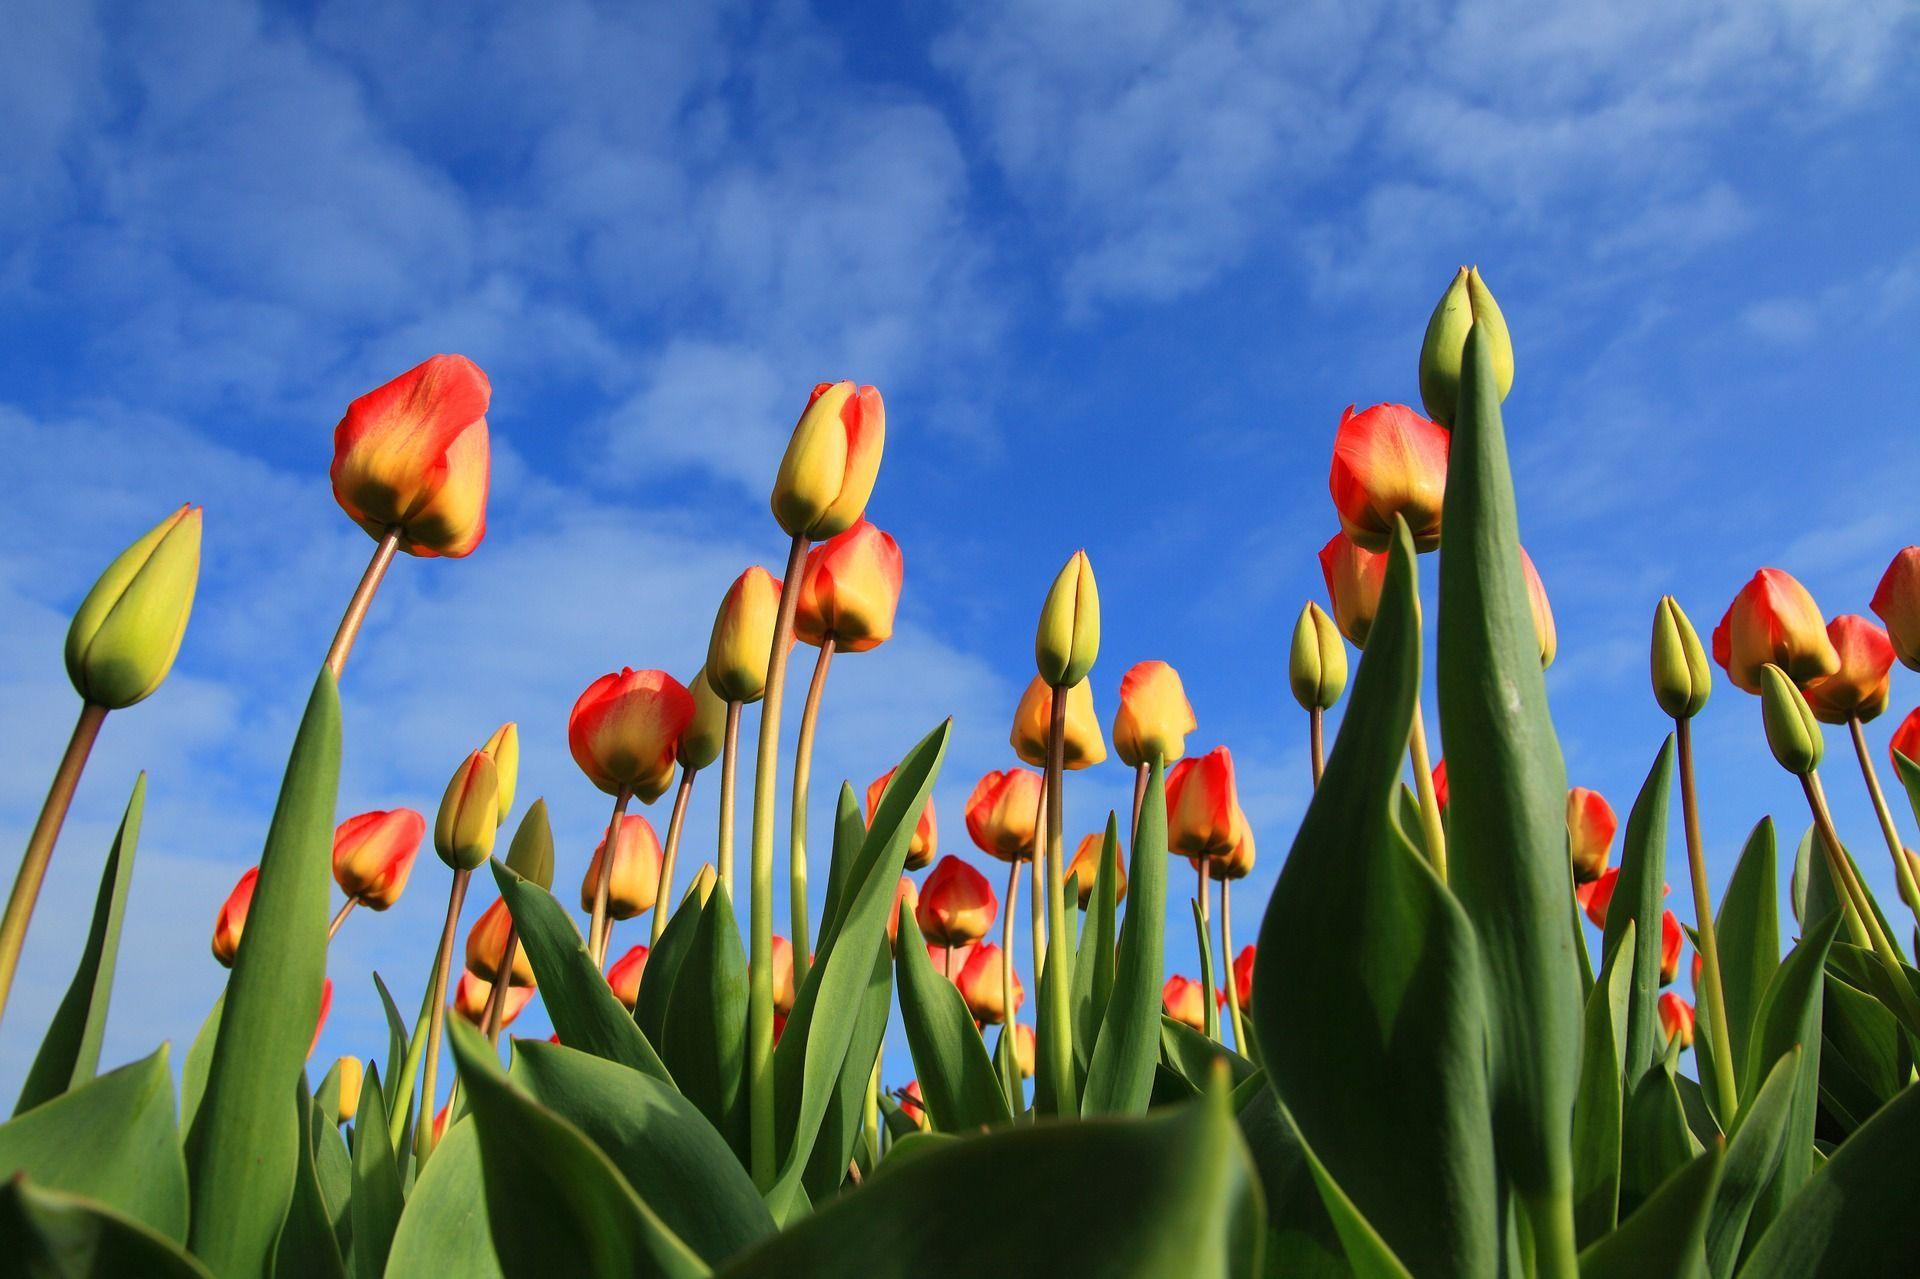 Москвичам пообещали бесплатные тюльпаны ко Дню всех влюбленных